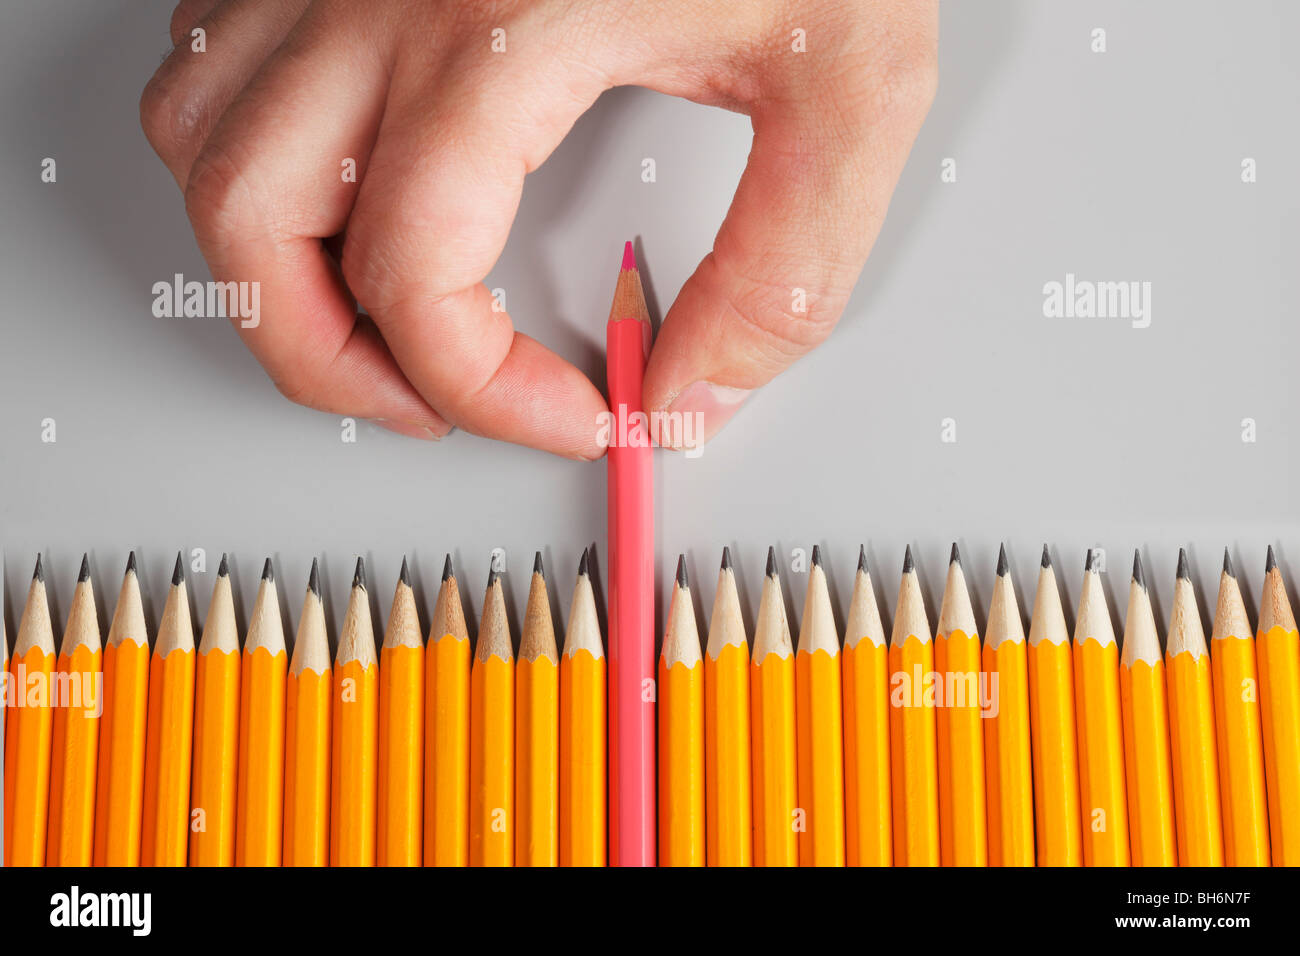 Scegliendo a mano una matita rosa Immagini Stock